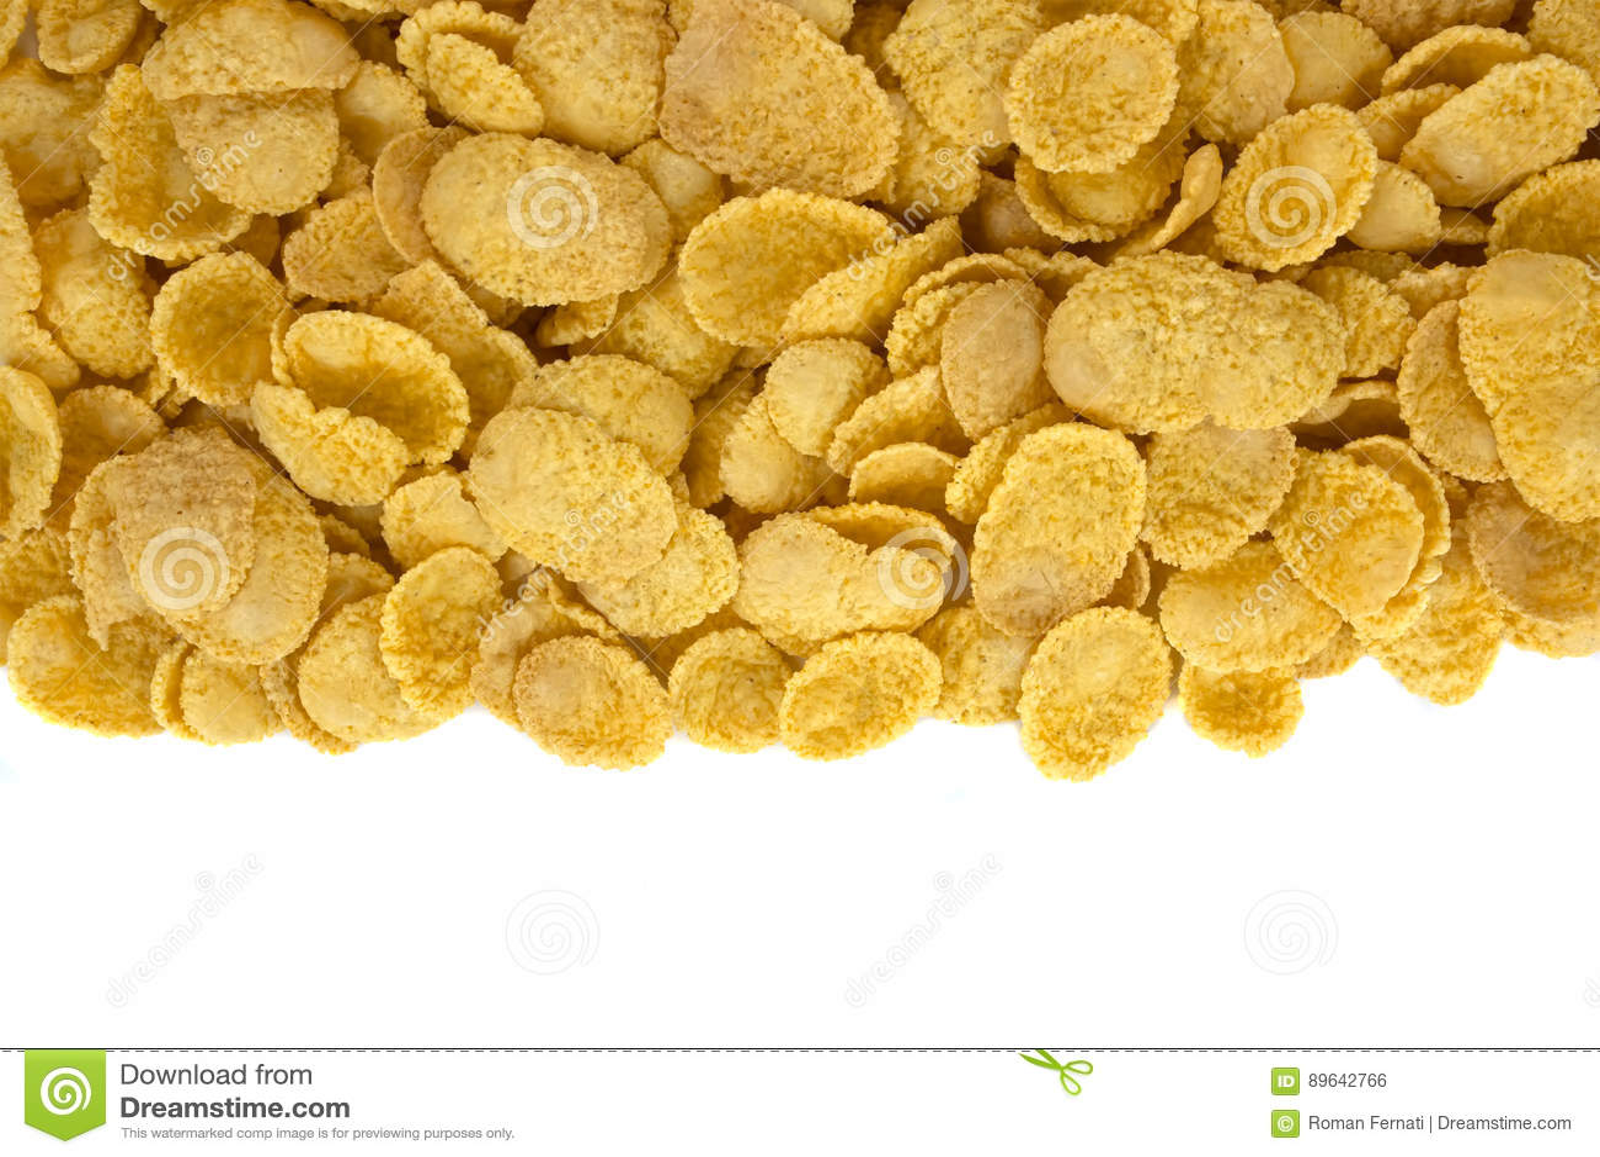 Corn flakes top view on white